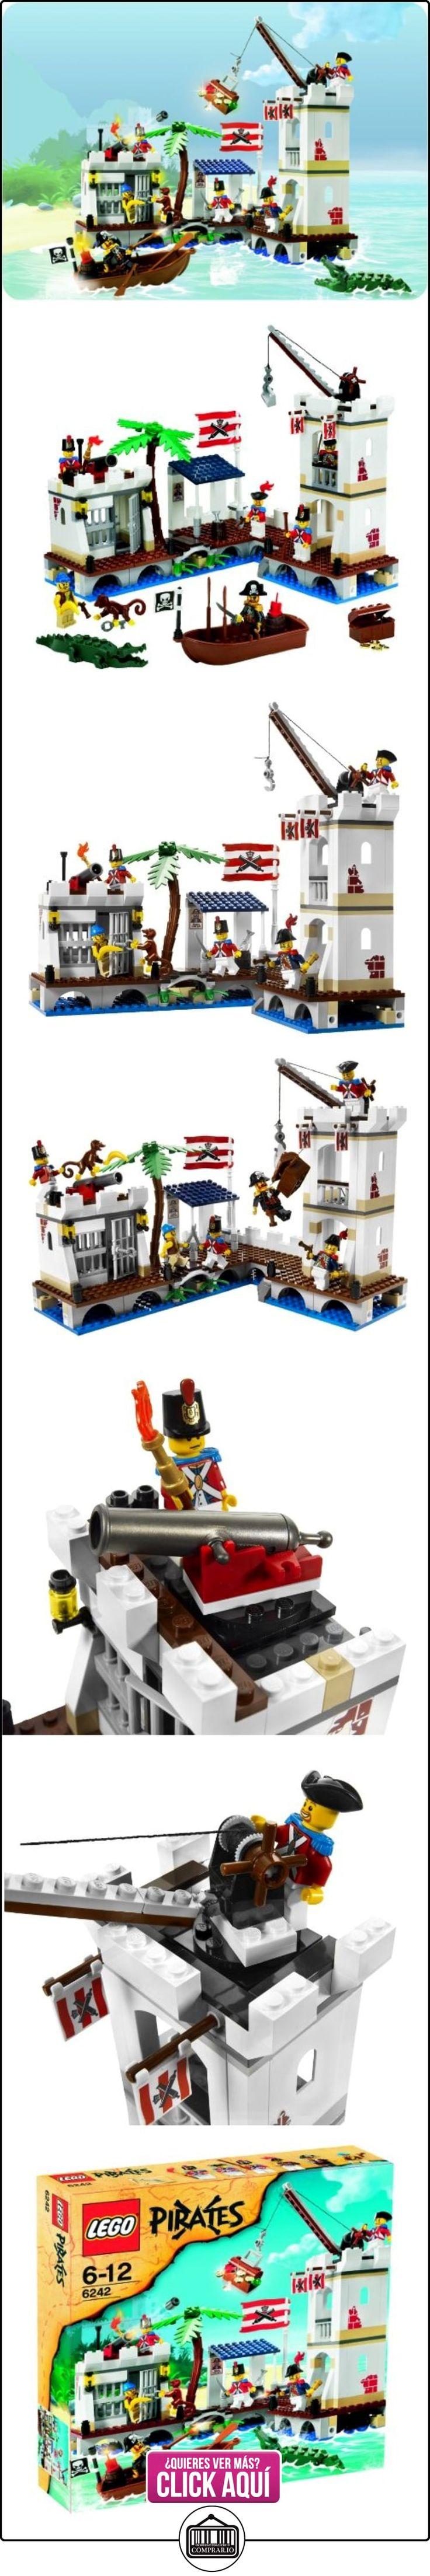 LEGO Piratas 6242  ✿ Lego - el surtido más amplio ✿ ▬► Ver oferta: https://comprar.io/goto/B001CQRTG4